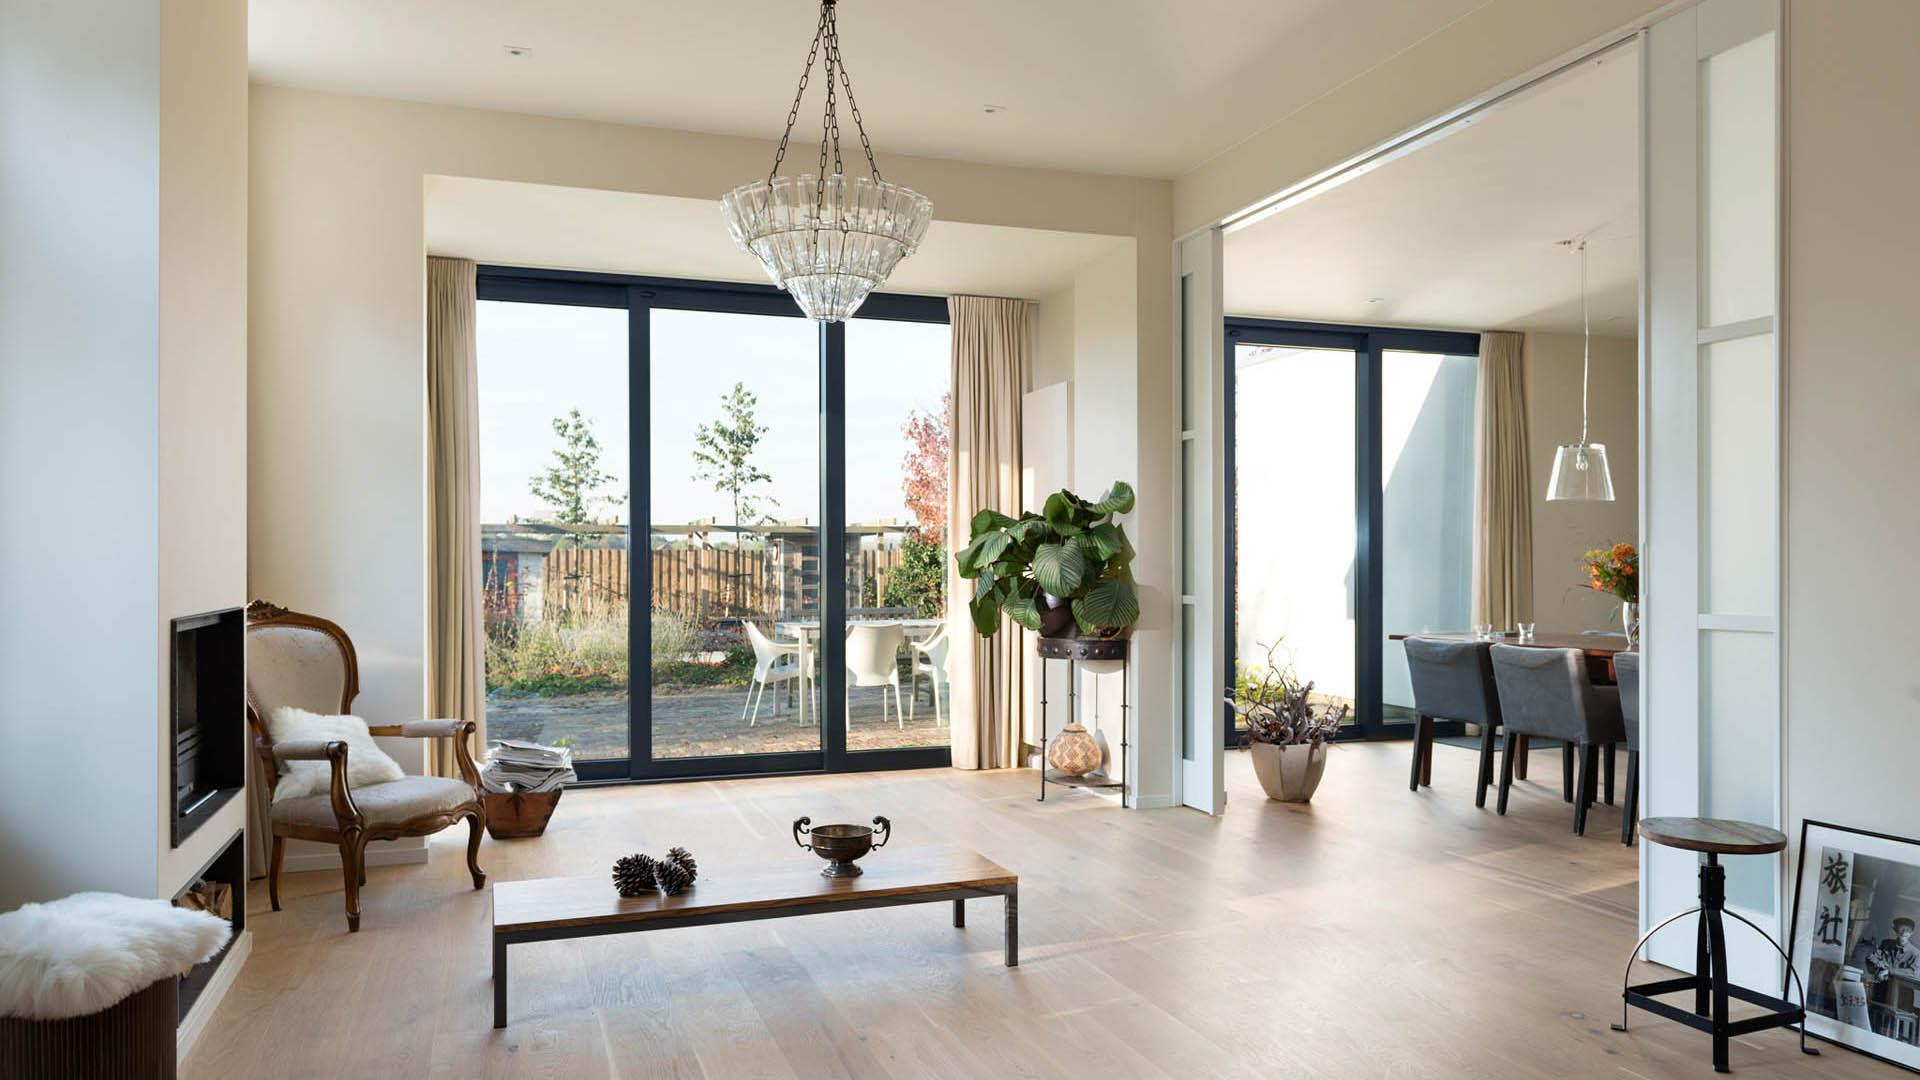 architectuur-rijswijk-haantje-aanbouw-renovatie-interieur-3 | Studio D11